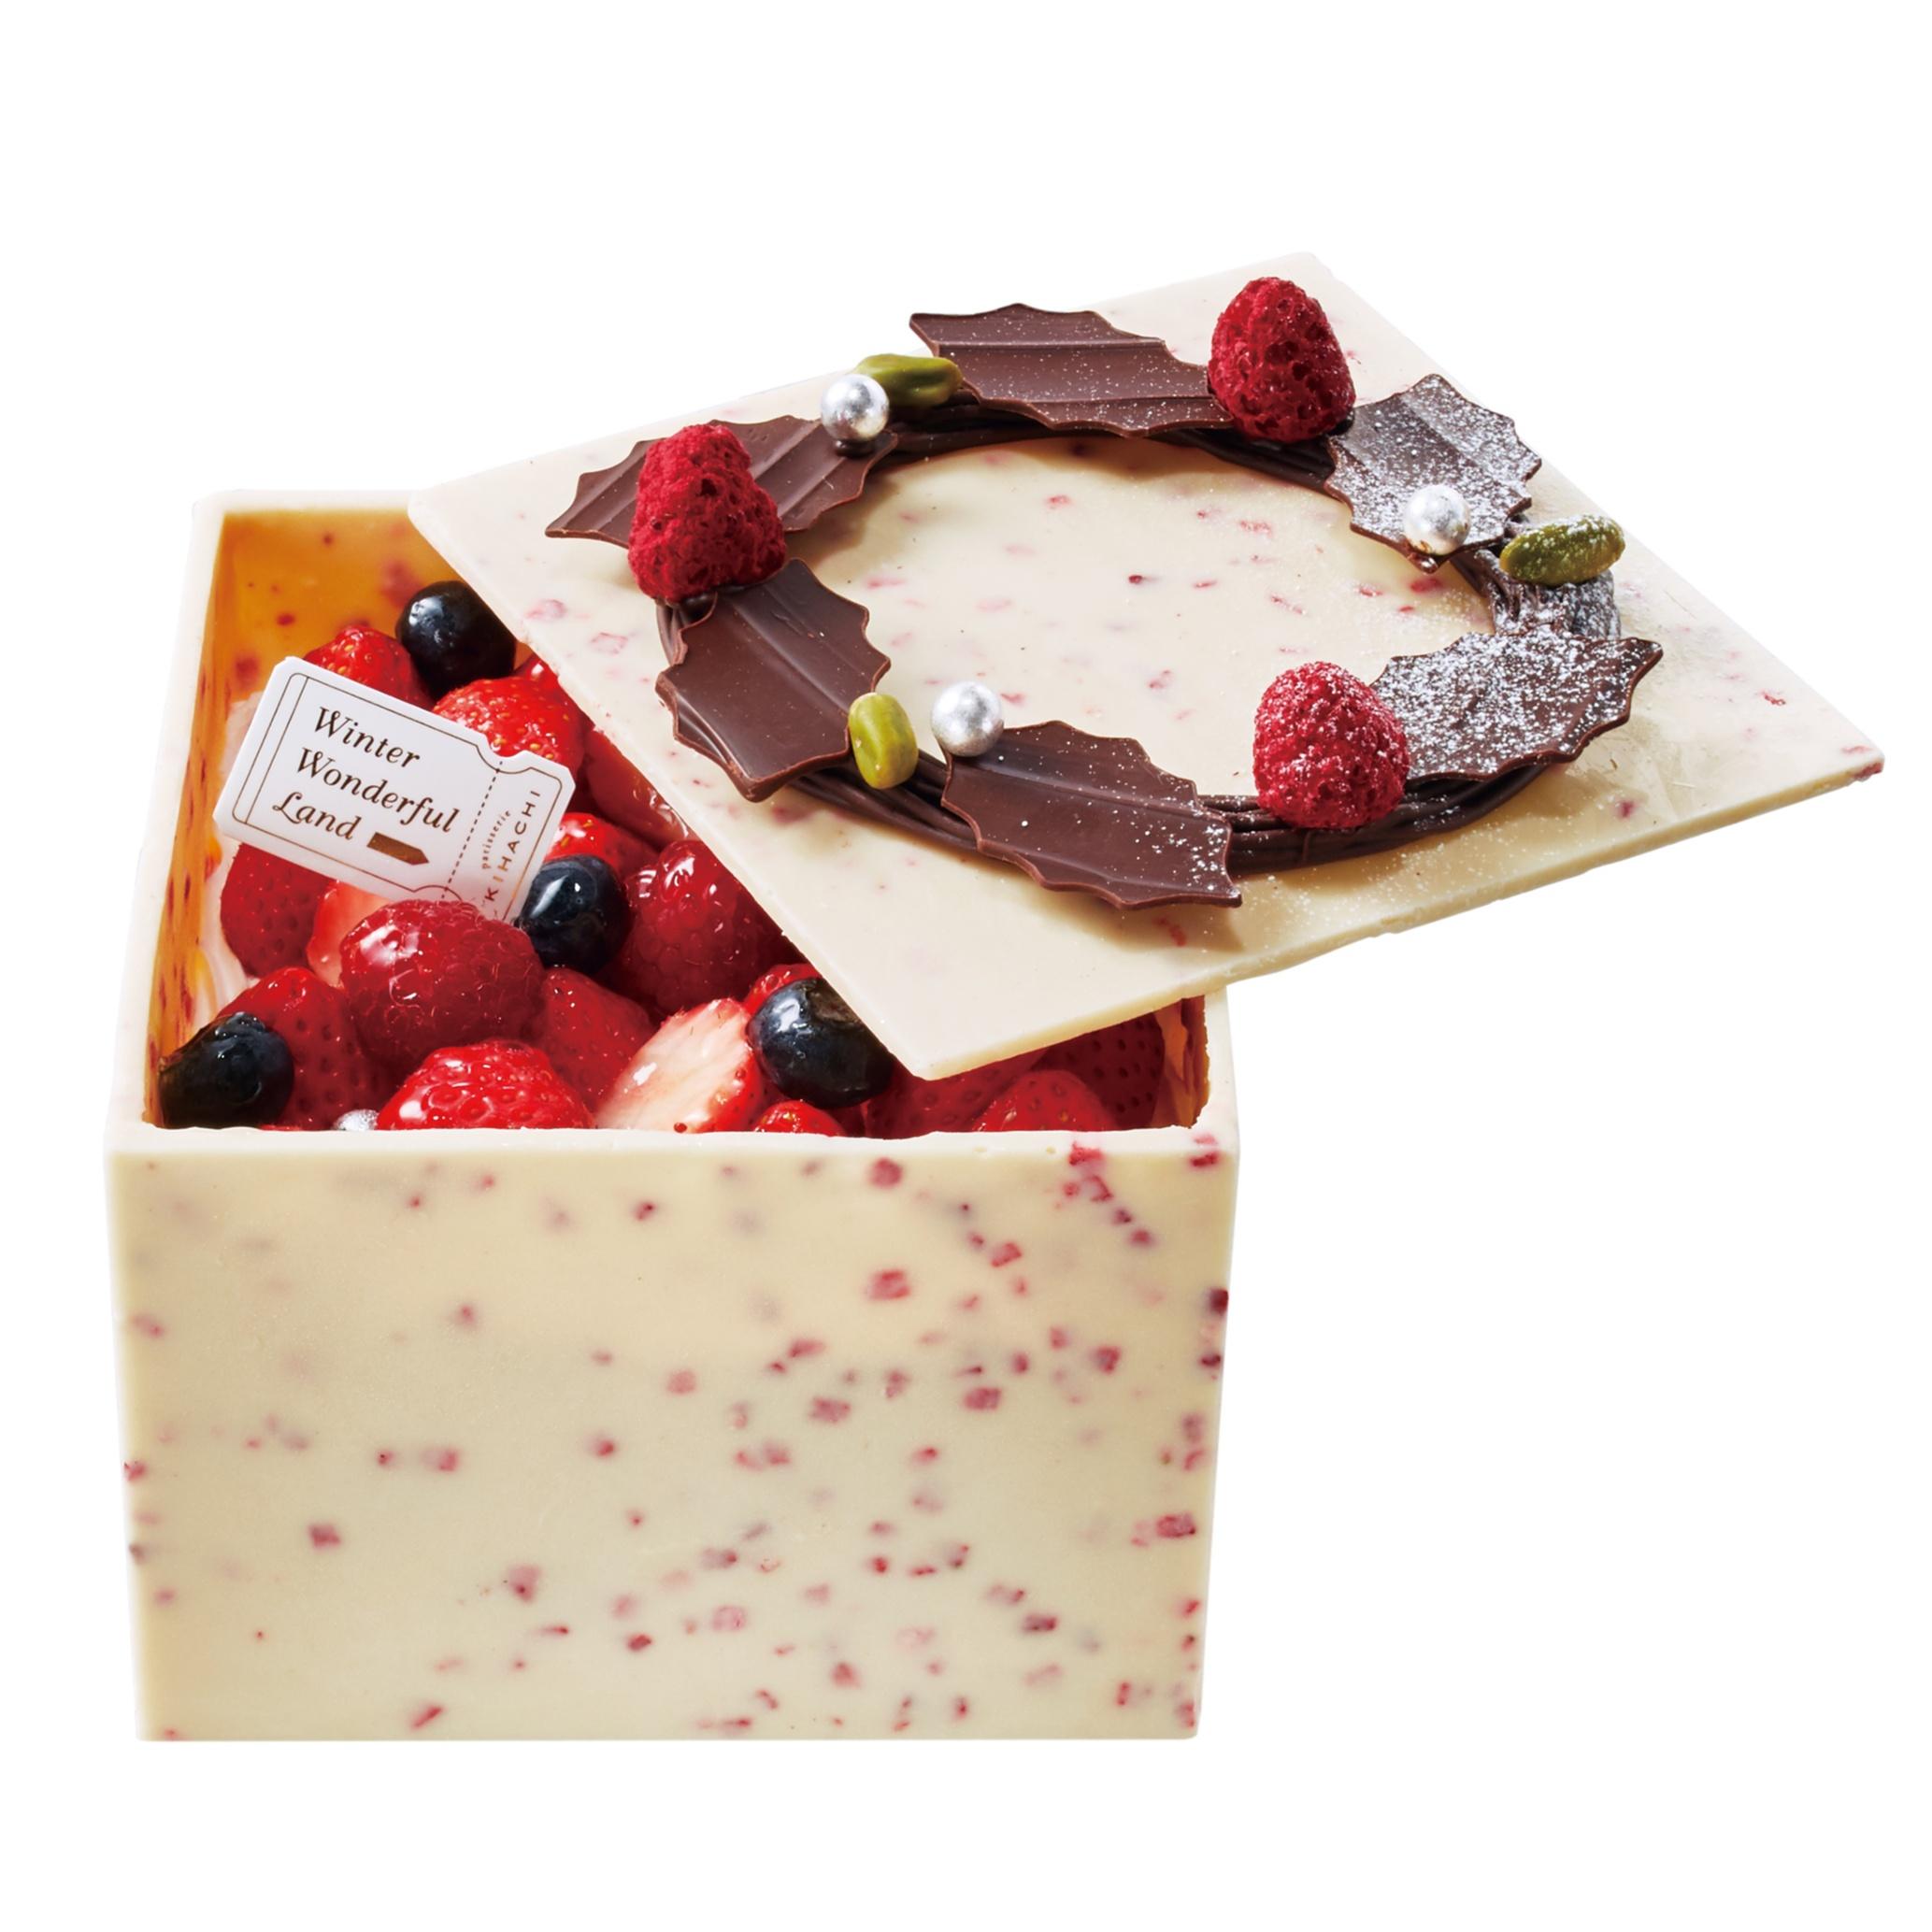 毎年おなじみのBOX型ケーキが今年も♡ 『パティスリー キハチ』のクリスマスケーキ、どれにする?【予約受付中&数量限定!】_1_1